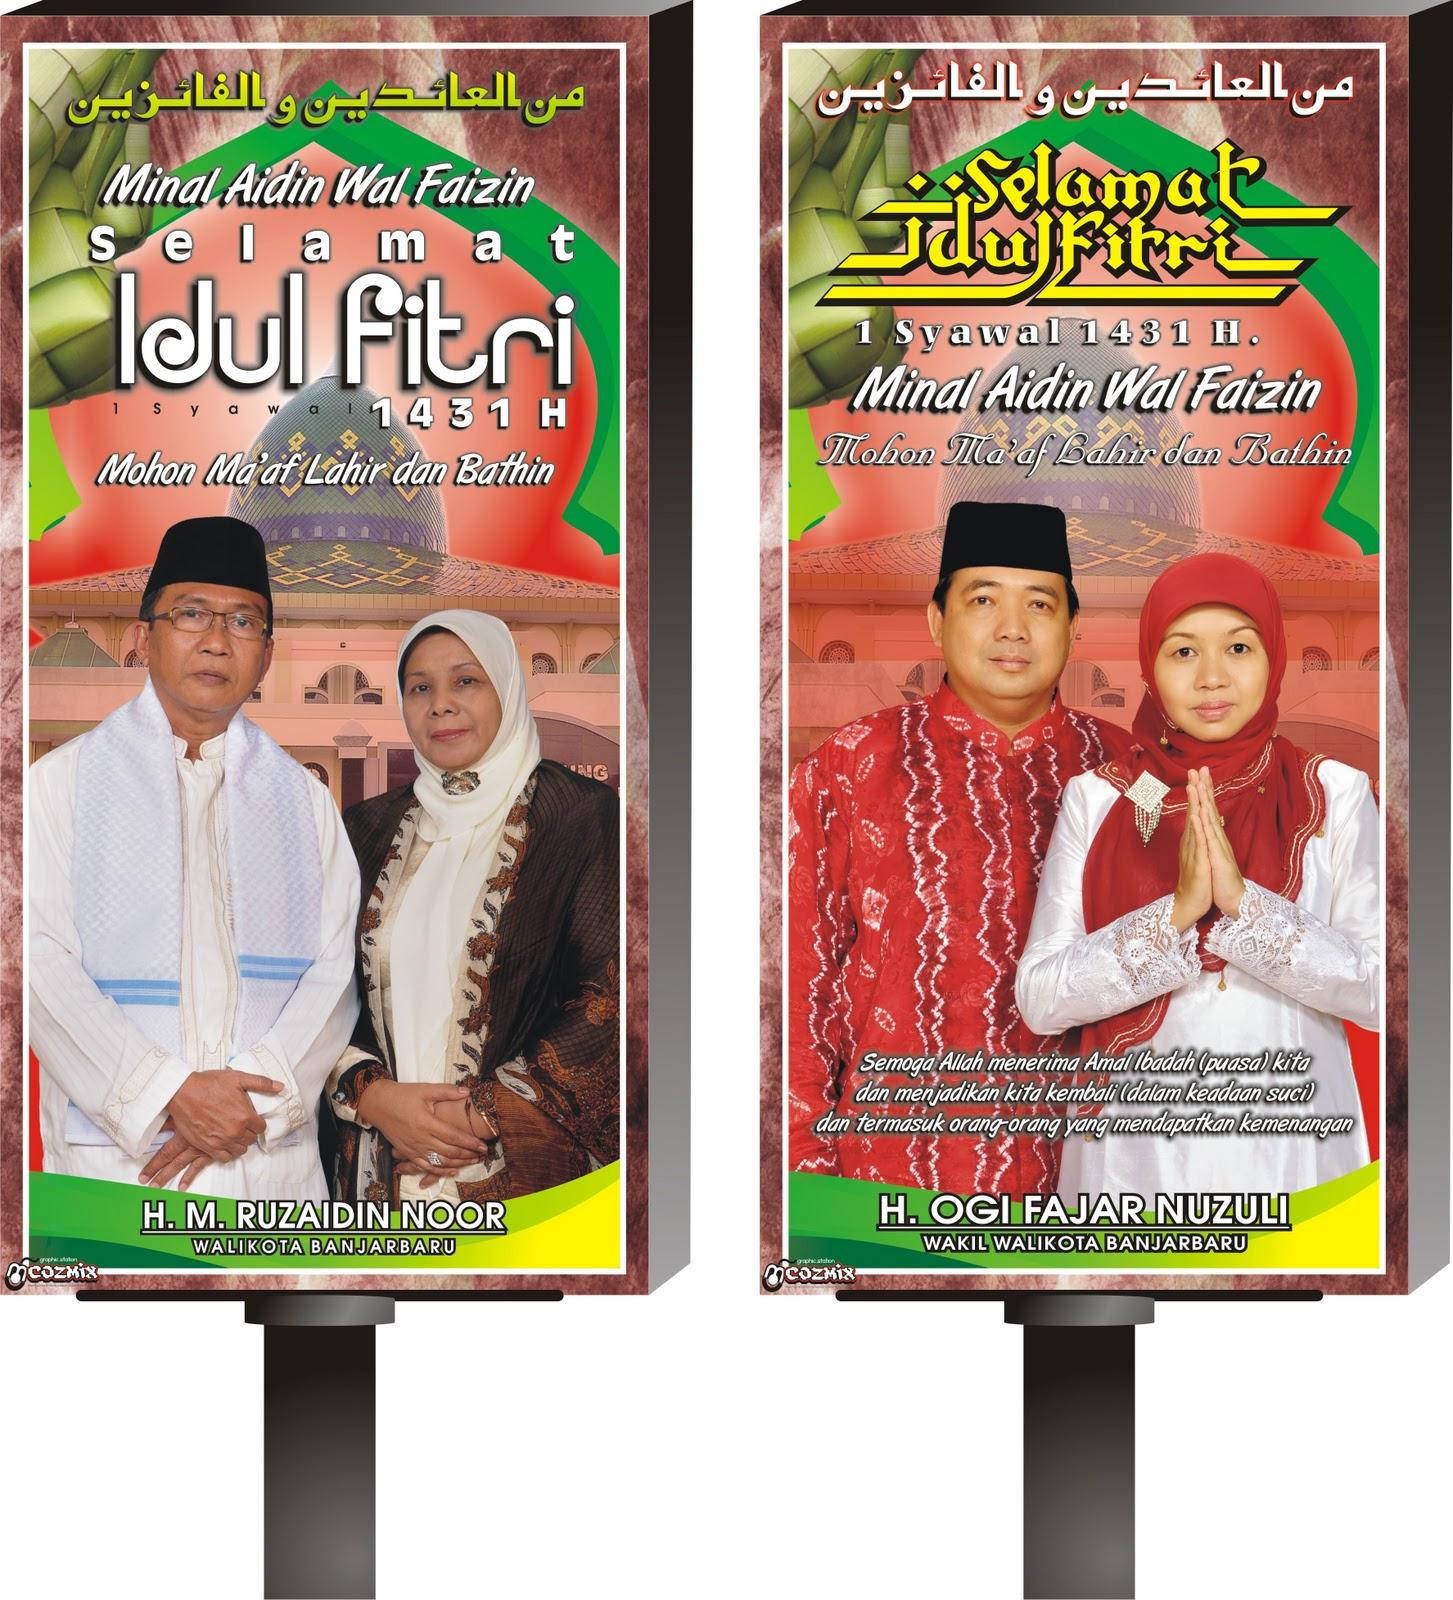 Gambar Baliho Idul Fitri